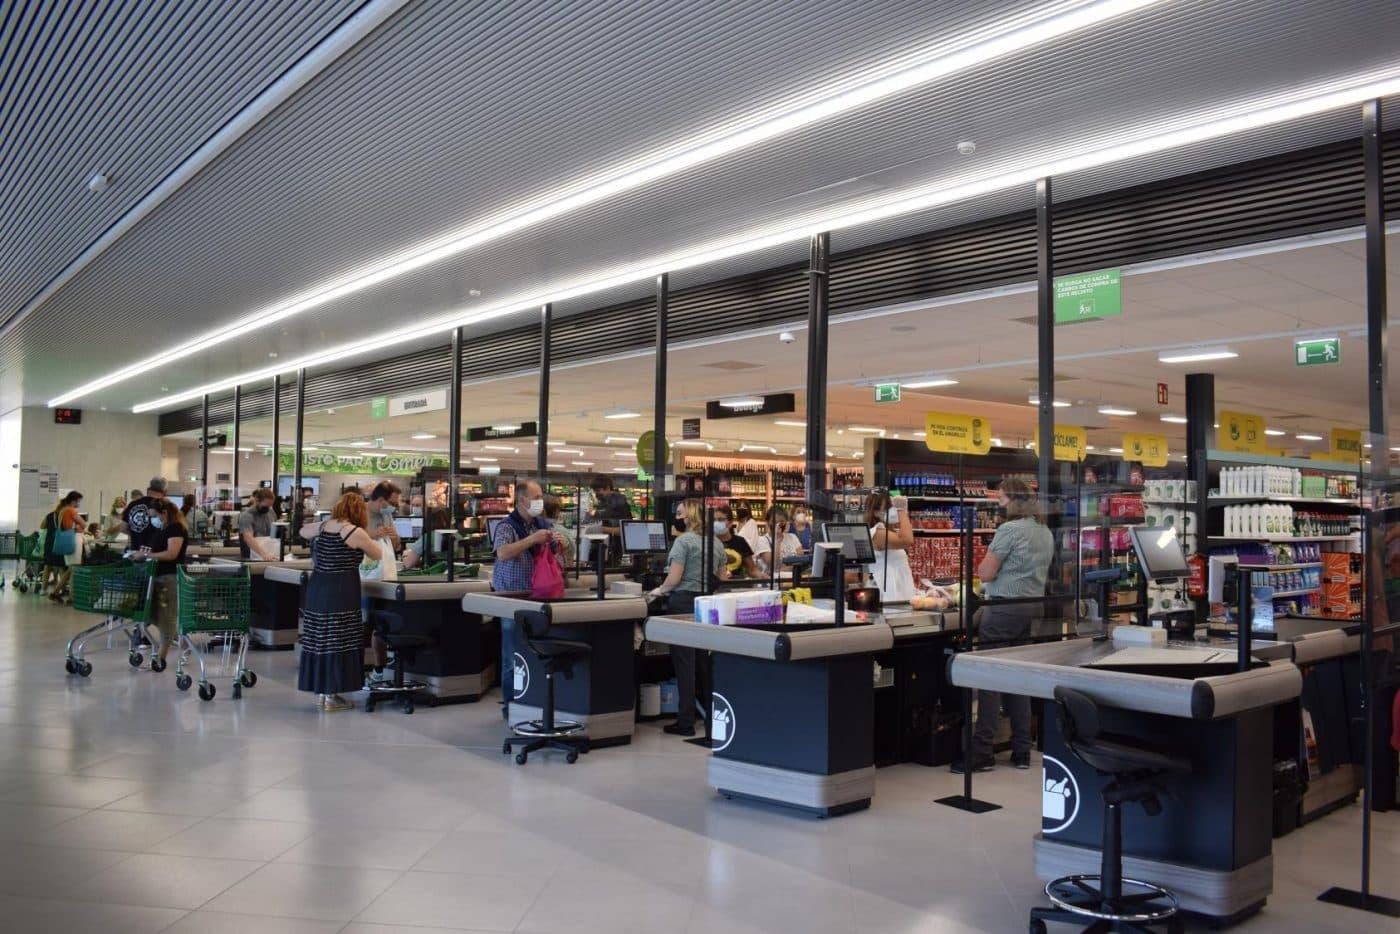 Mercadona inaugura en Haro su nuevo supermercado 'eficiente': 6 millones de euros de inversión 11